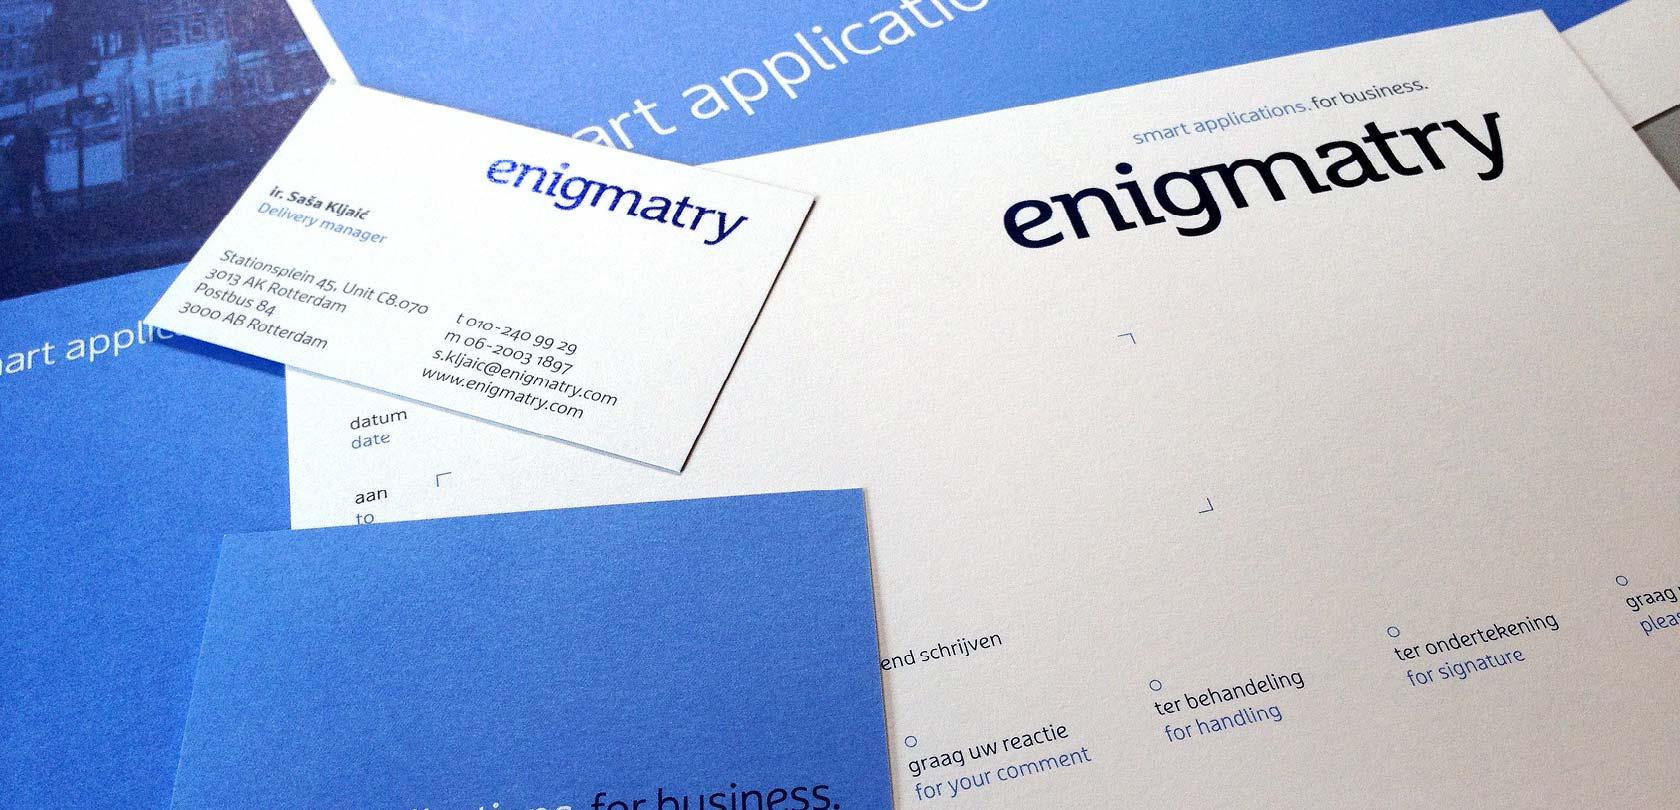 huisstijl Enigmatry - design: ontwerpbureau VA